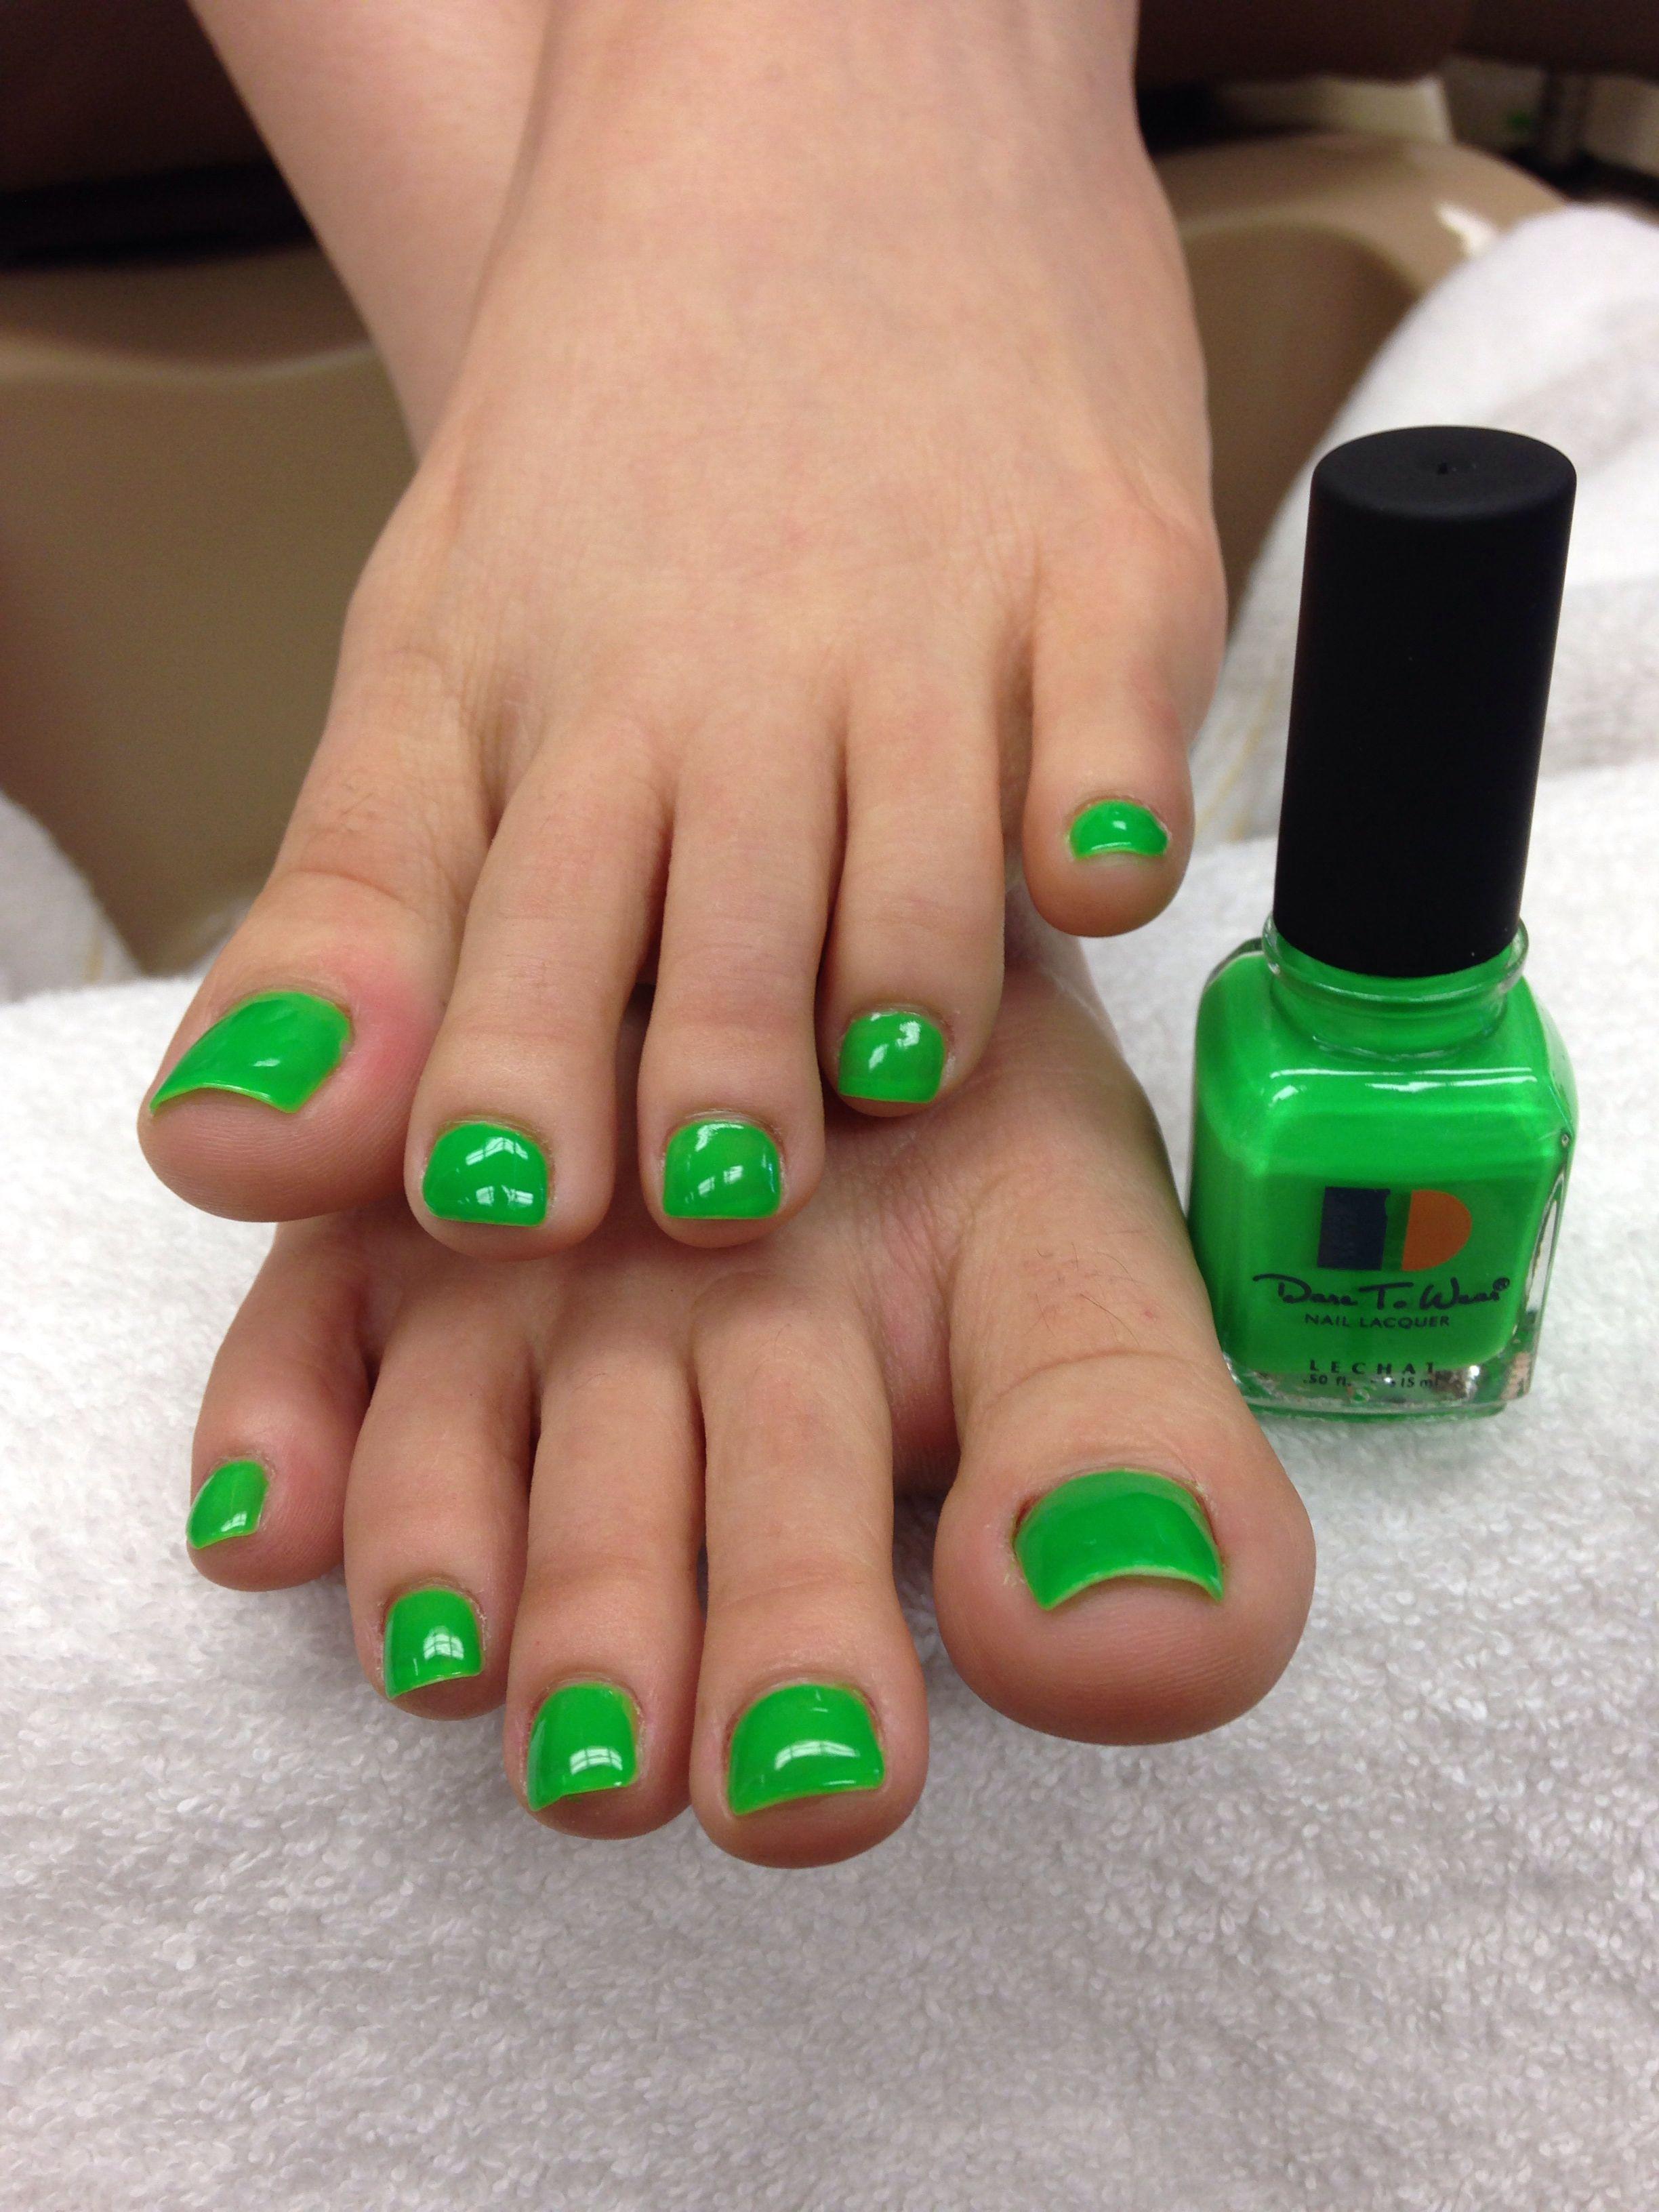 Neon Green Pedicure Green Nails Neon Pedicure Pedicure Designs Toenails